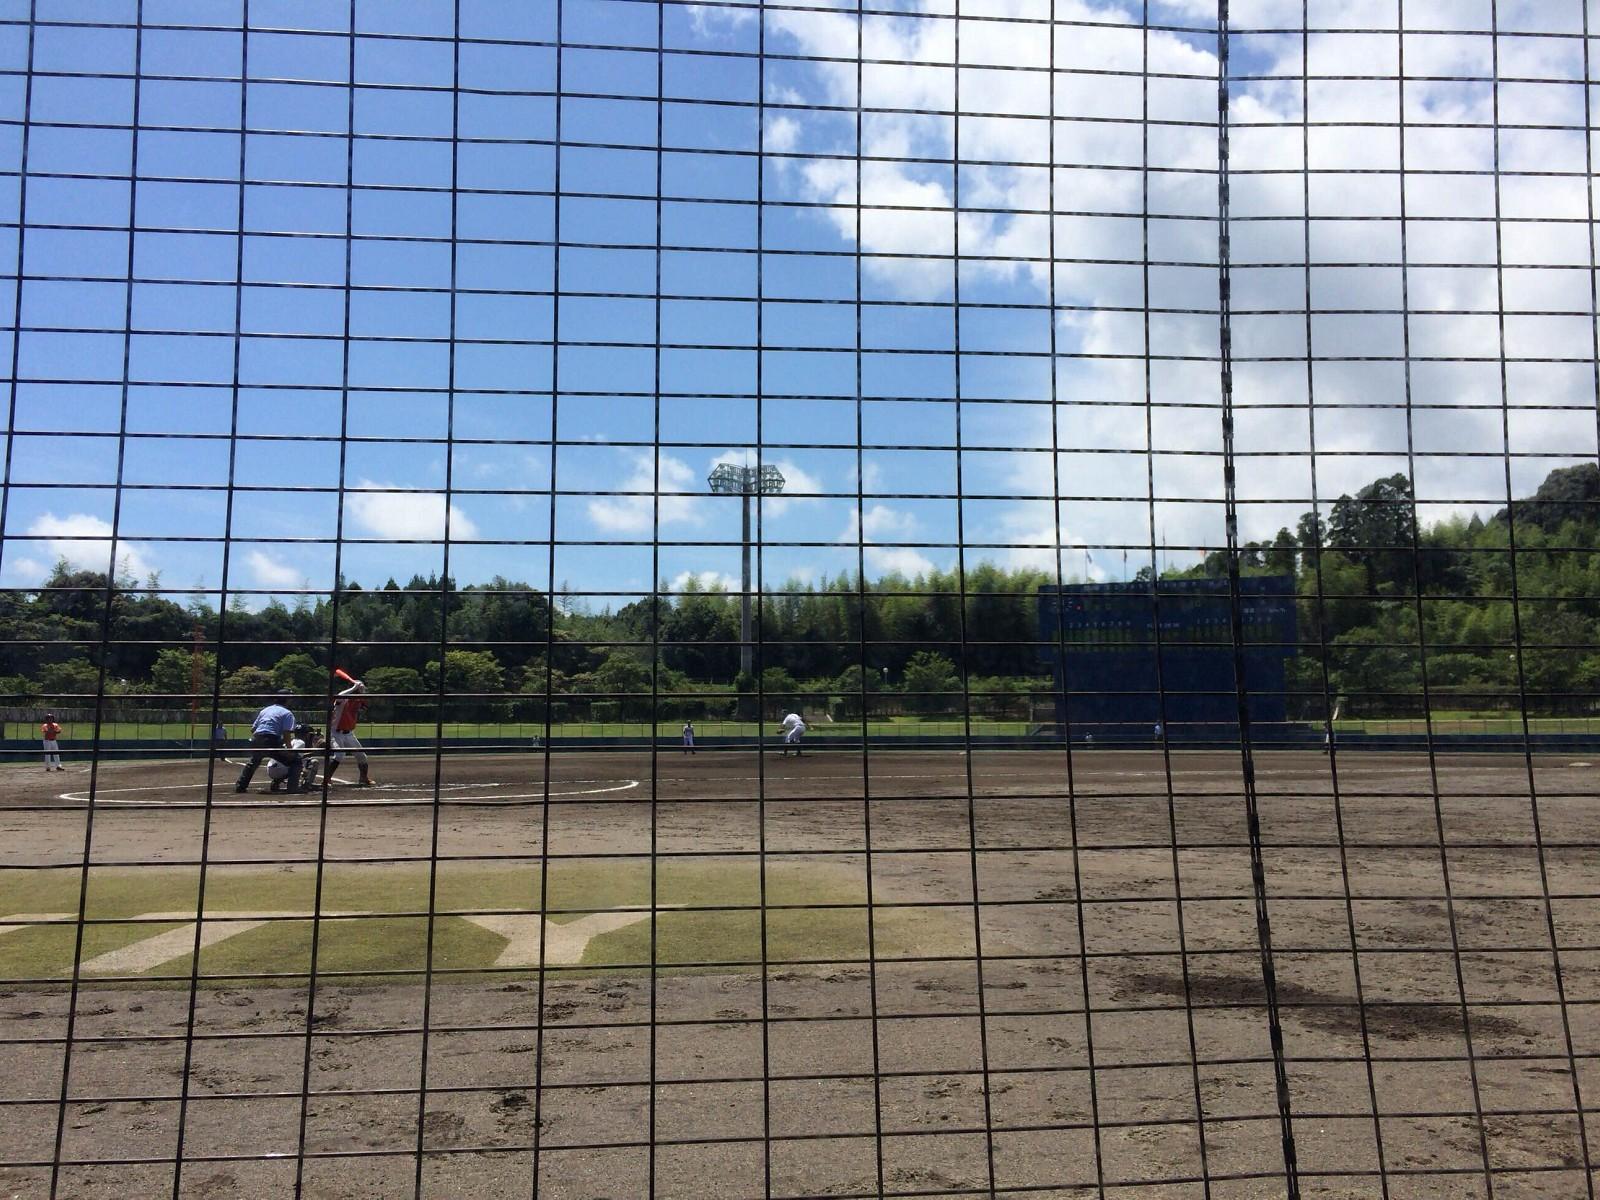 2015.08.19 東アジアリトルシニア野球宮崎大会2015 長安國民中(台湾)戦